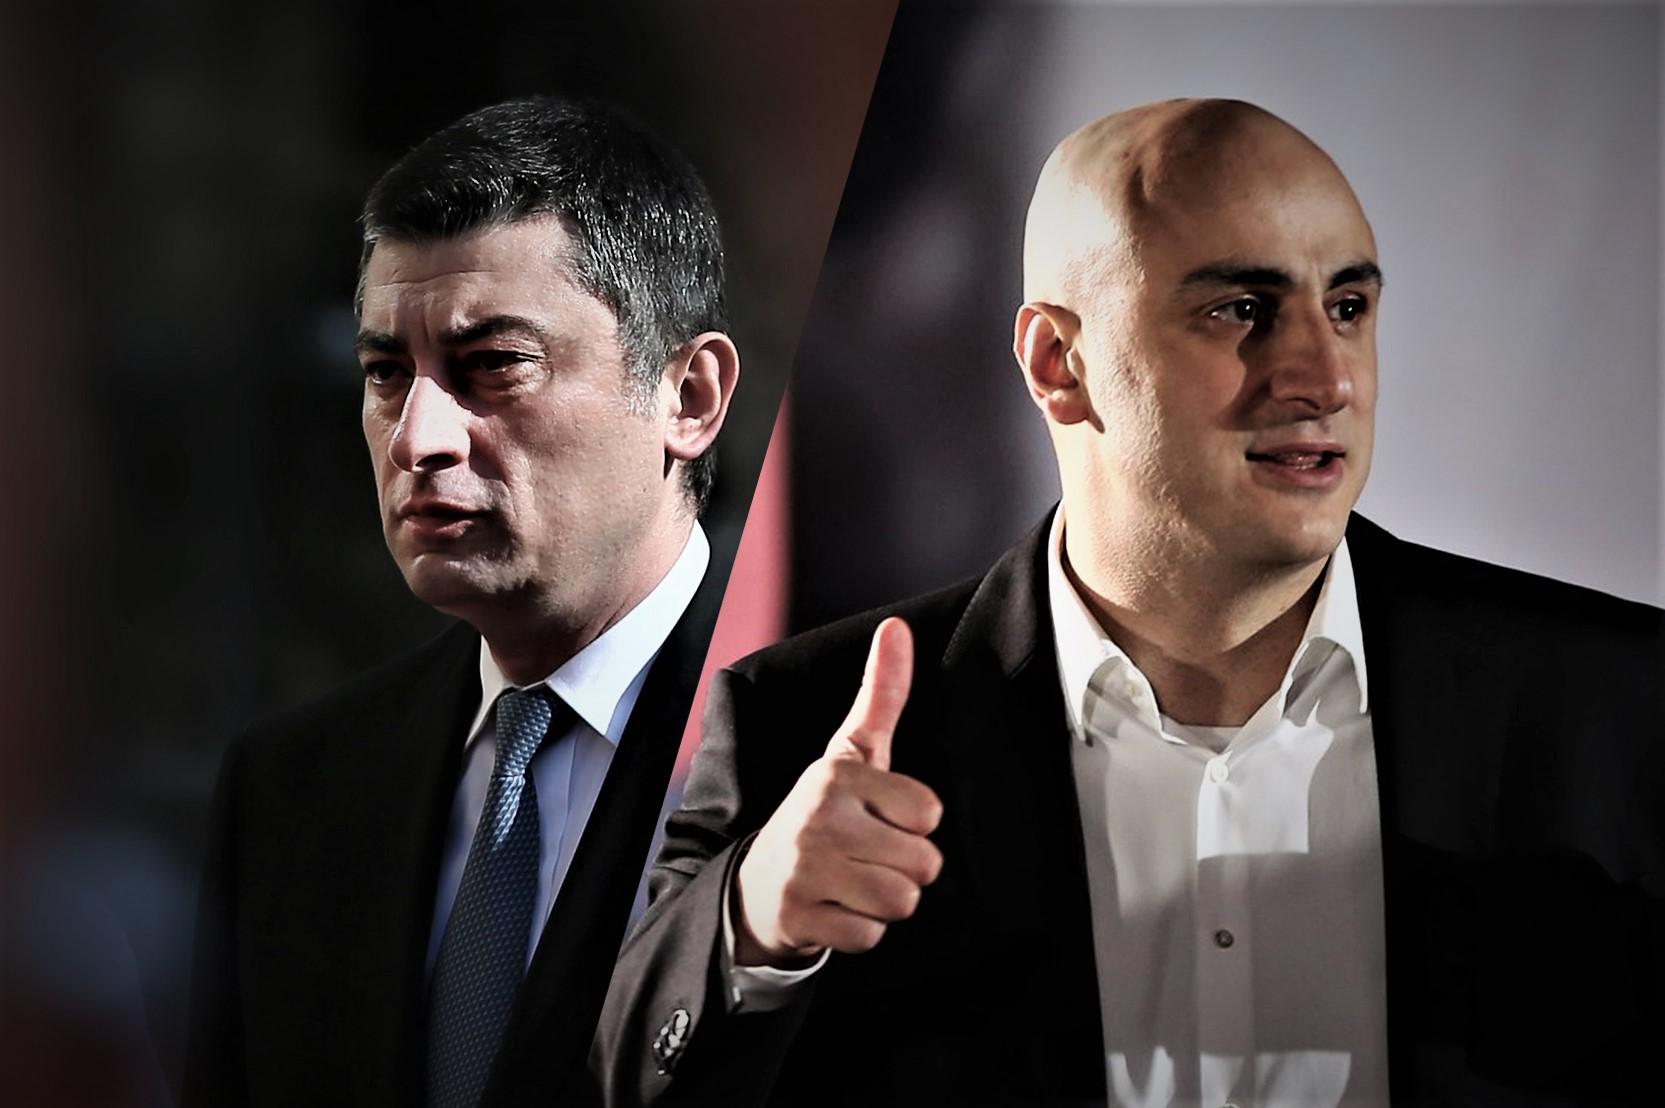 378652352 #политика featured, Георгий Гахария, Грузинская мечта, Единое Национальное Движение, Ника Мелия